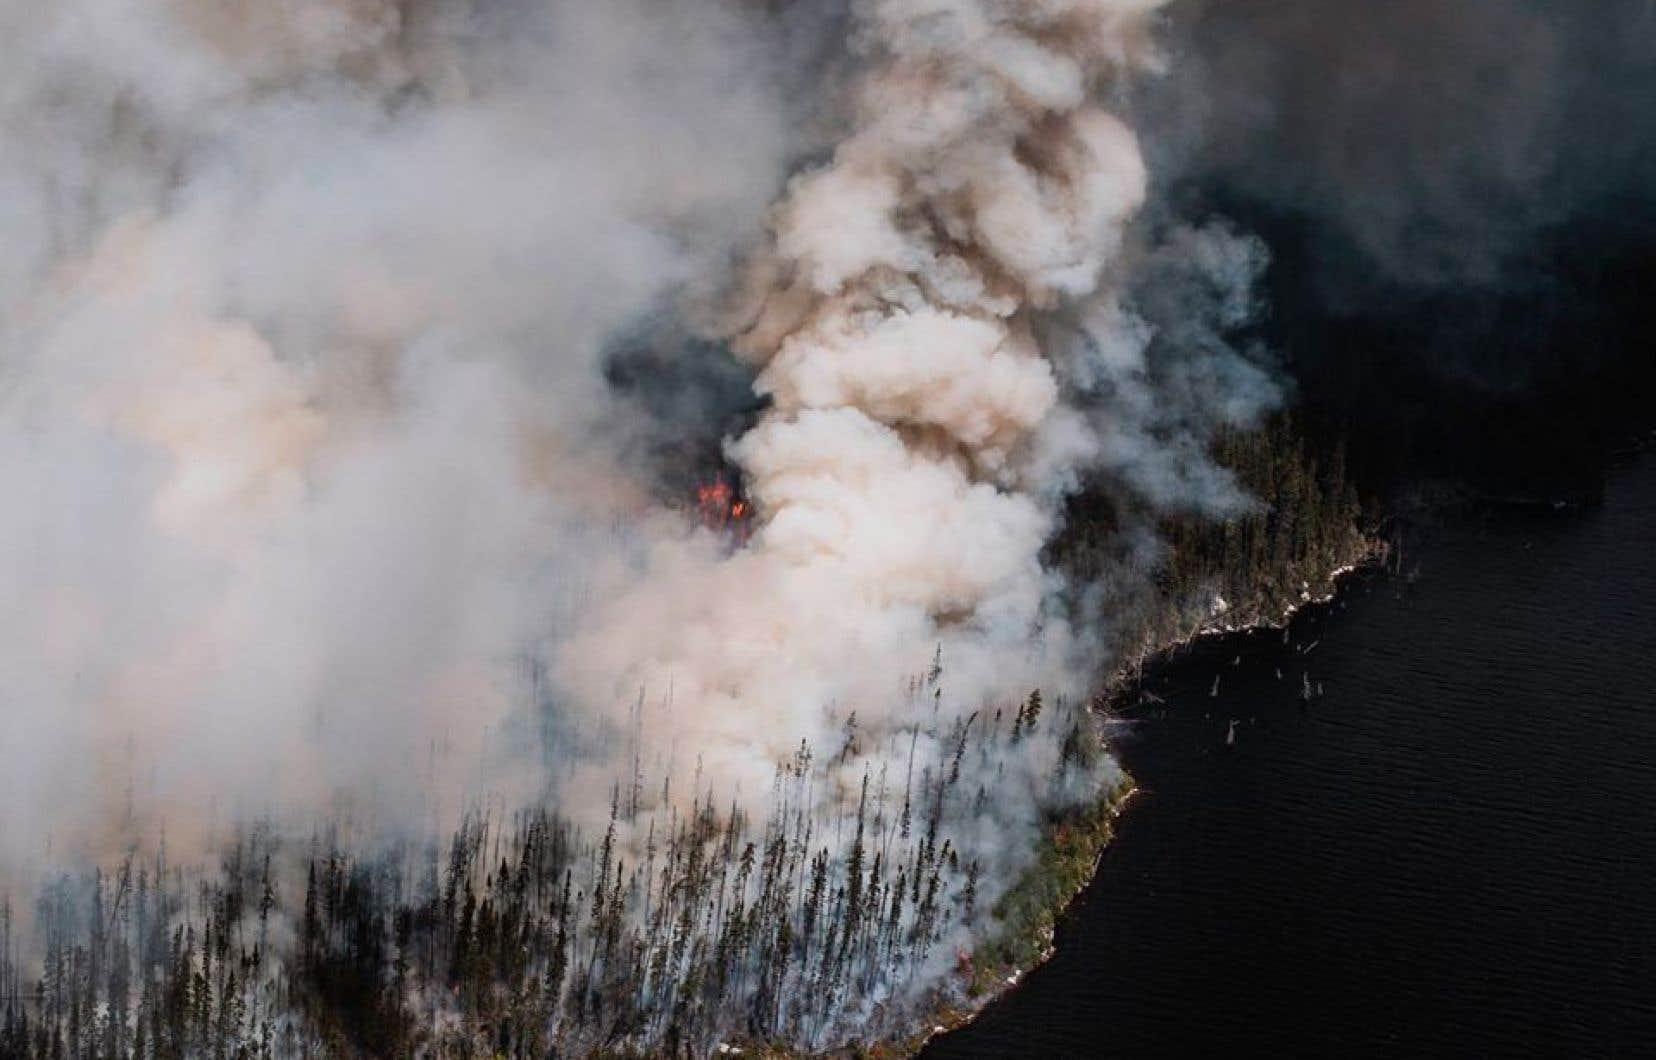 Le Québec est passé de 13 feux de forêt samedi à 20 incendies dimanche.